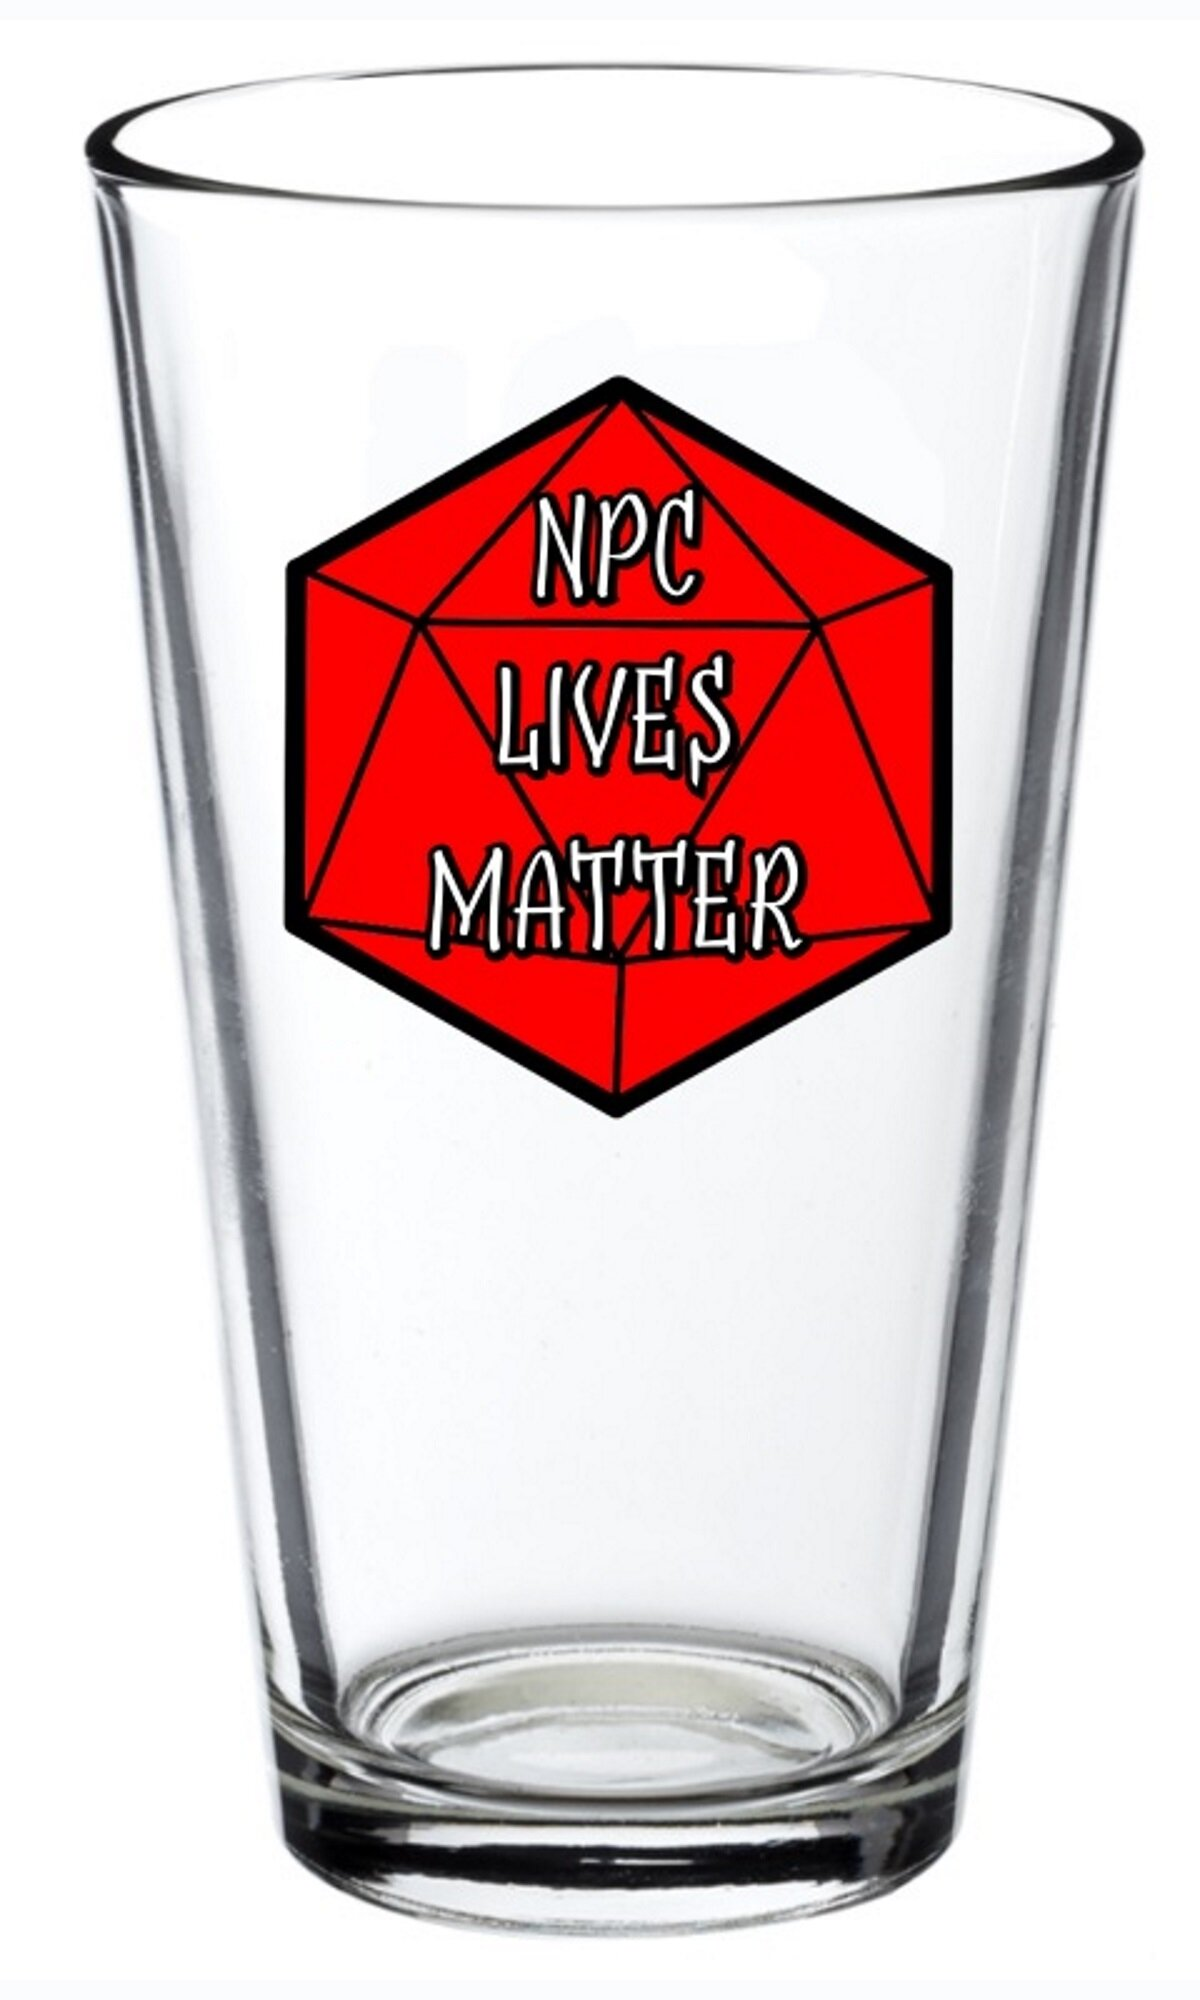 NPC Lives Matter